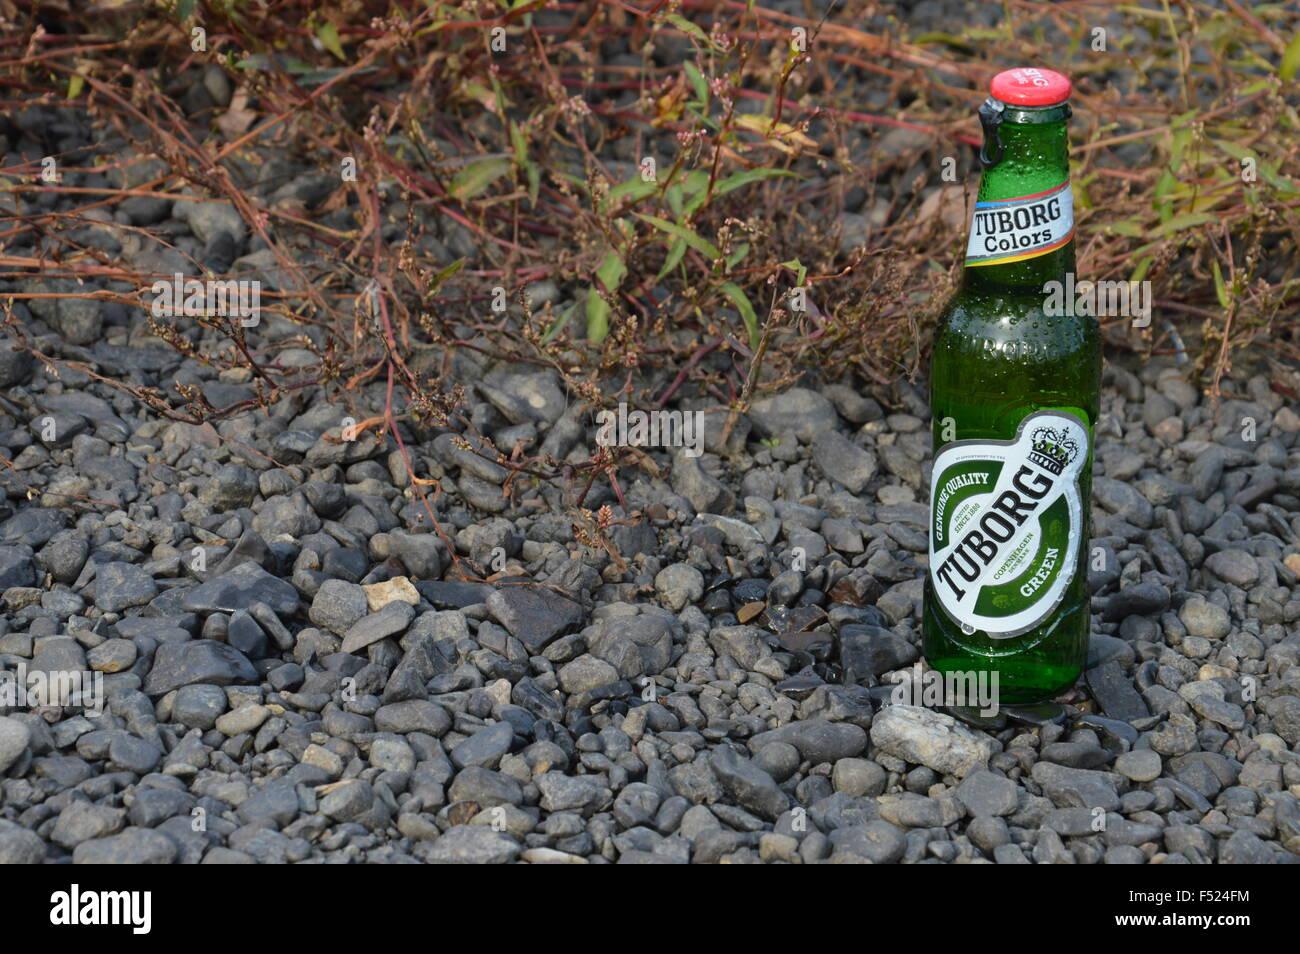 Bouteille de bière sans alcool d'illustration de nature Tuborg Photo Stock